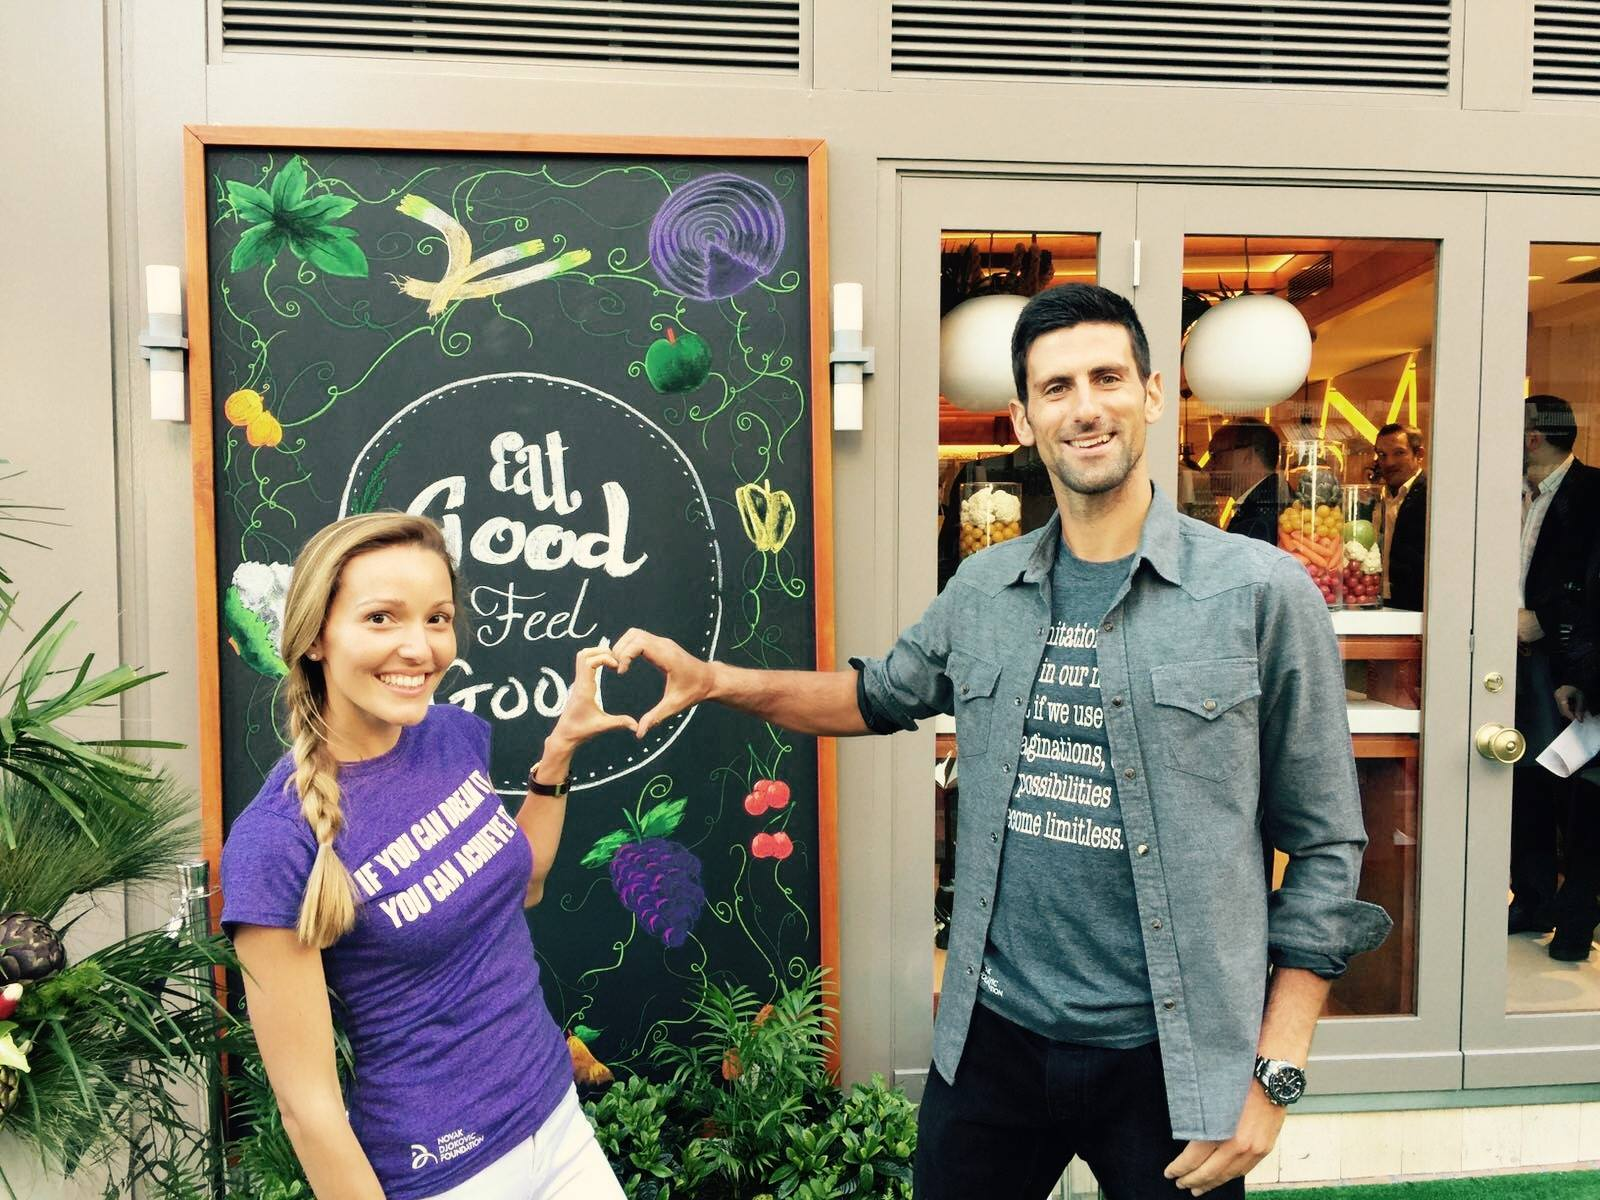 ФОТО: Ѕирнете во Eqvita – ресторанот за здрава храна на Новак Ѓоковиќ